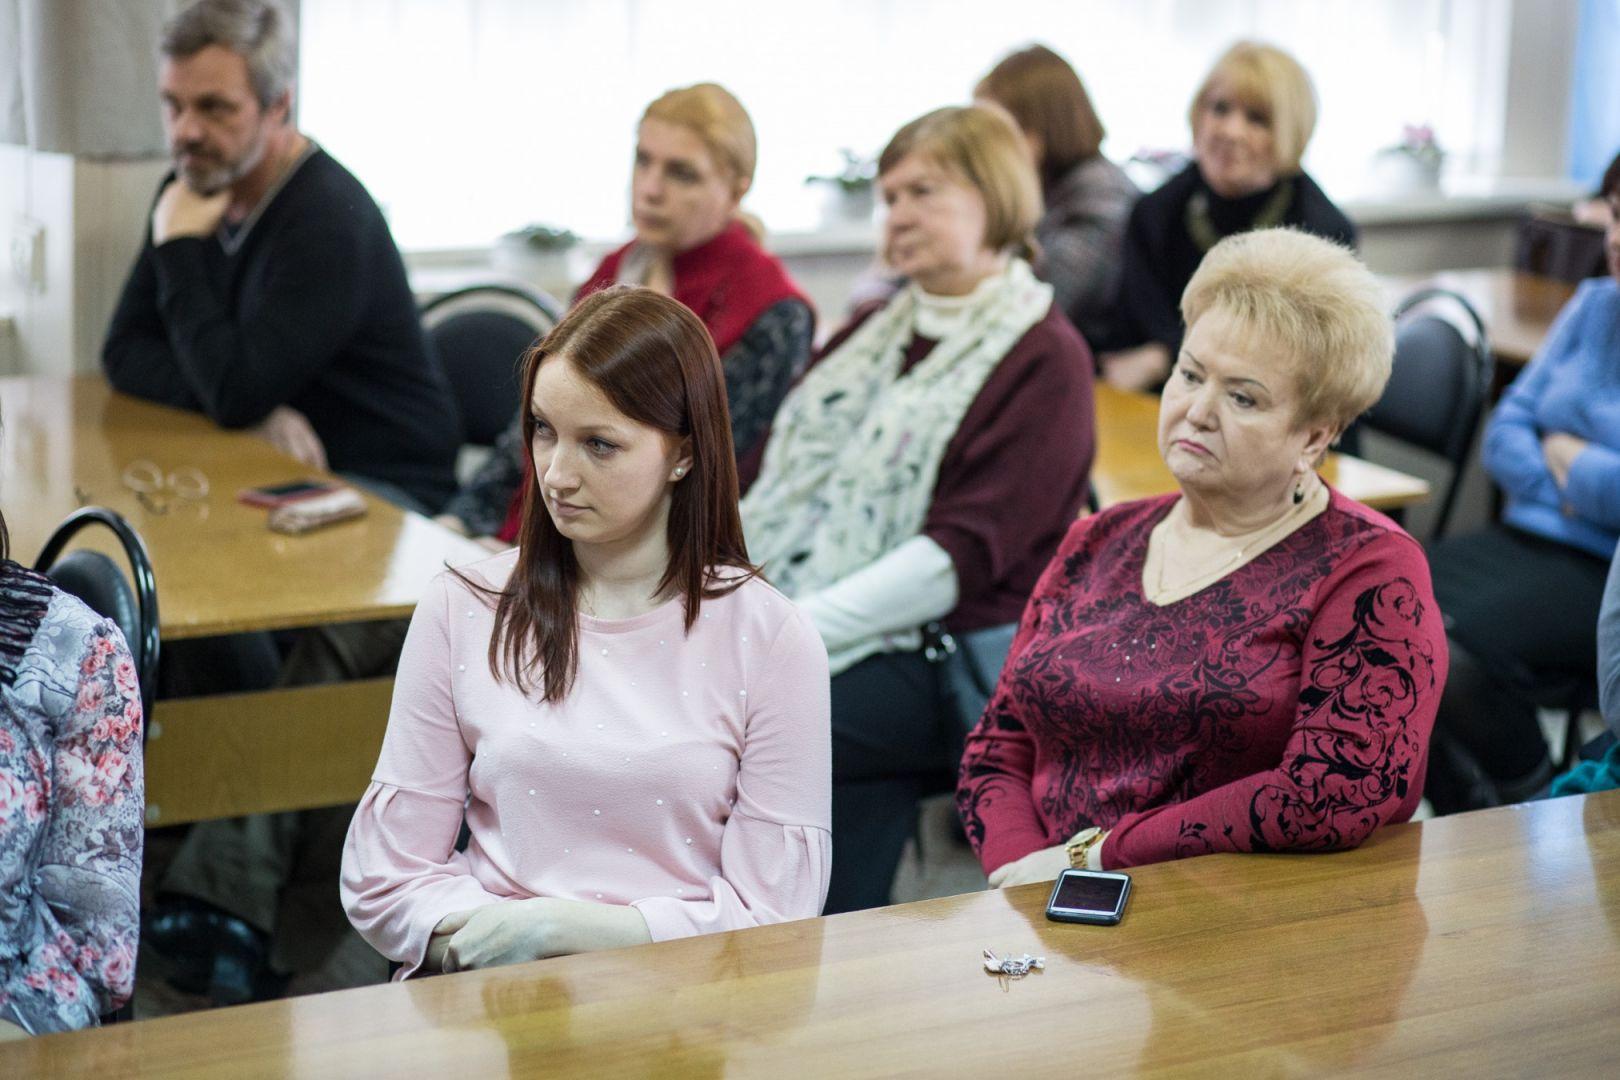 Епархия поможет библиотекам Ставрополья уменьшить дефицит духовной литературы